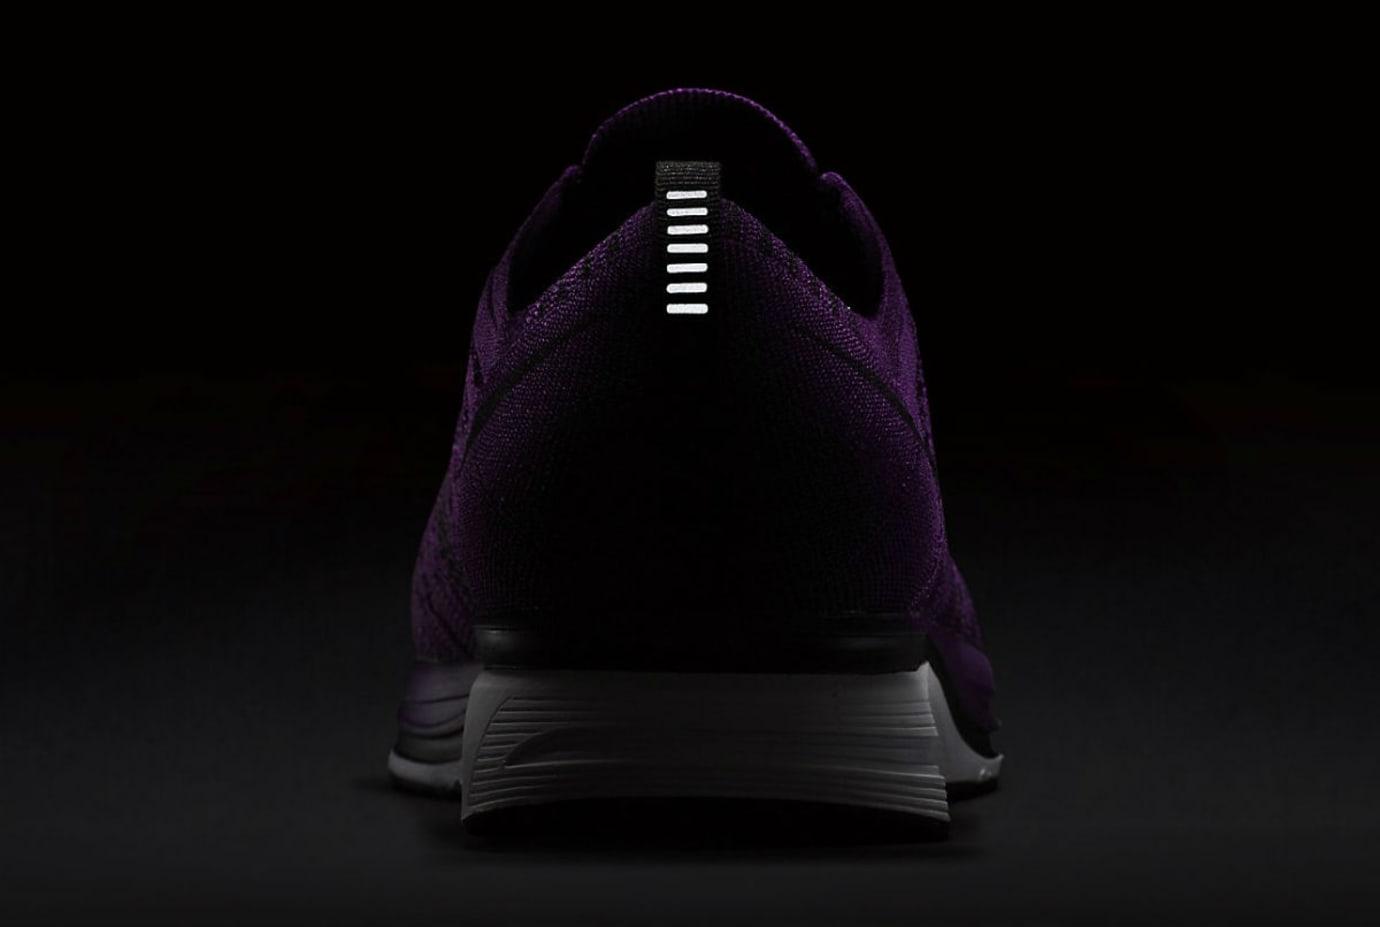 Nike Flyknit Trainer Night Purple Release Date AH8396-500 3M